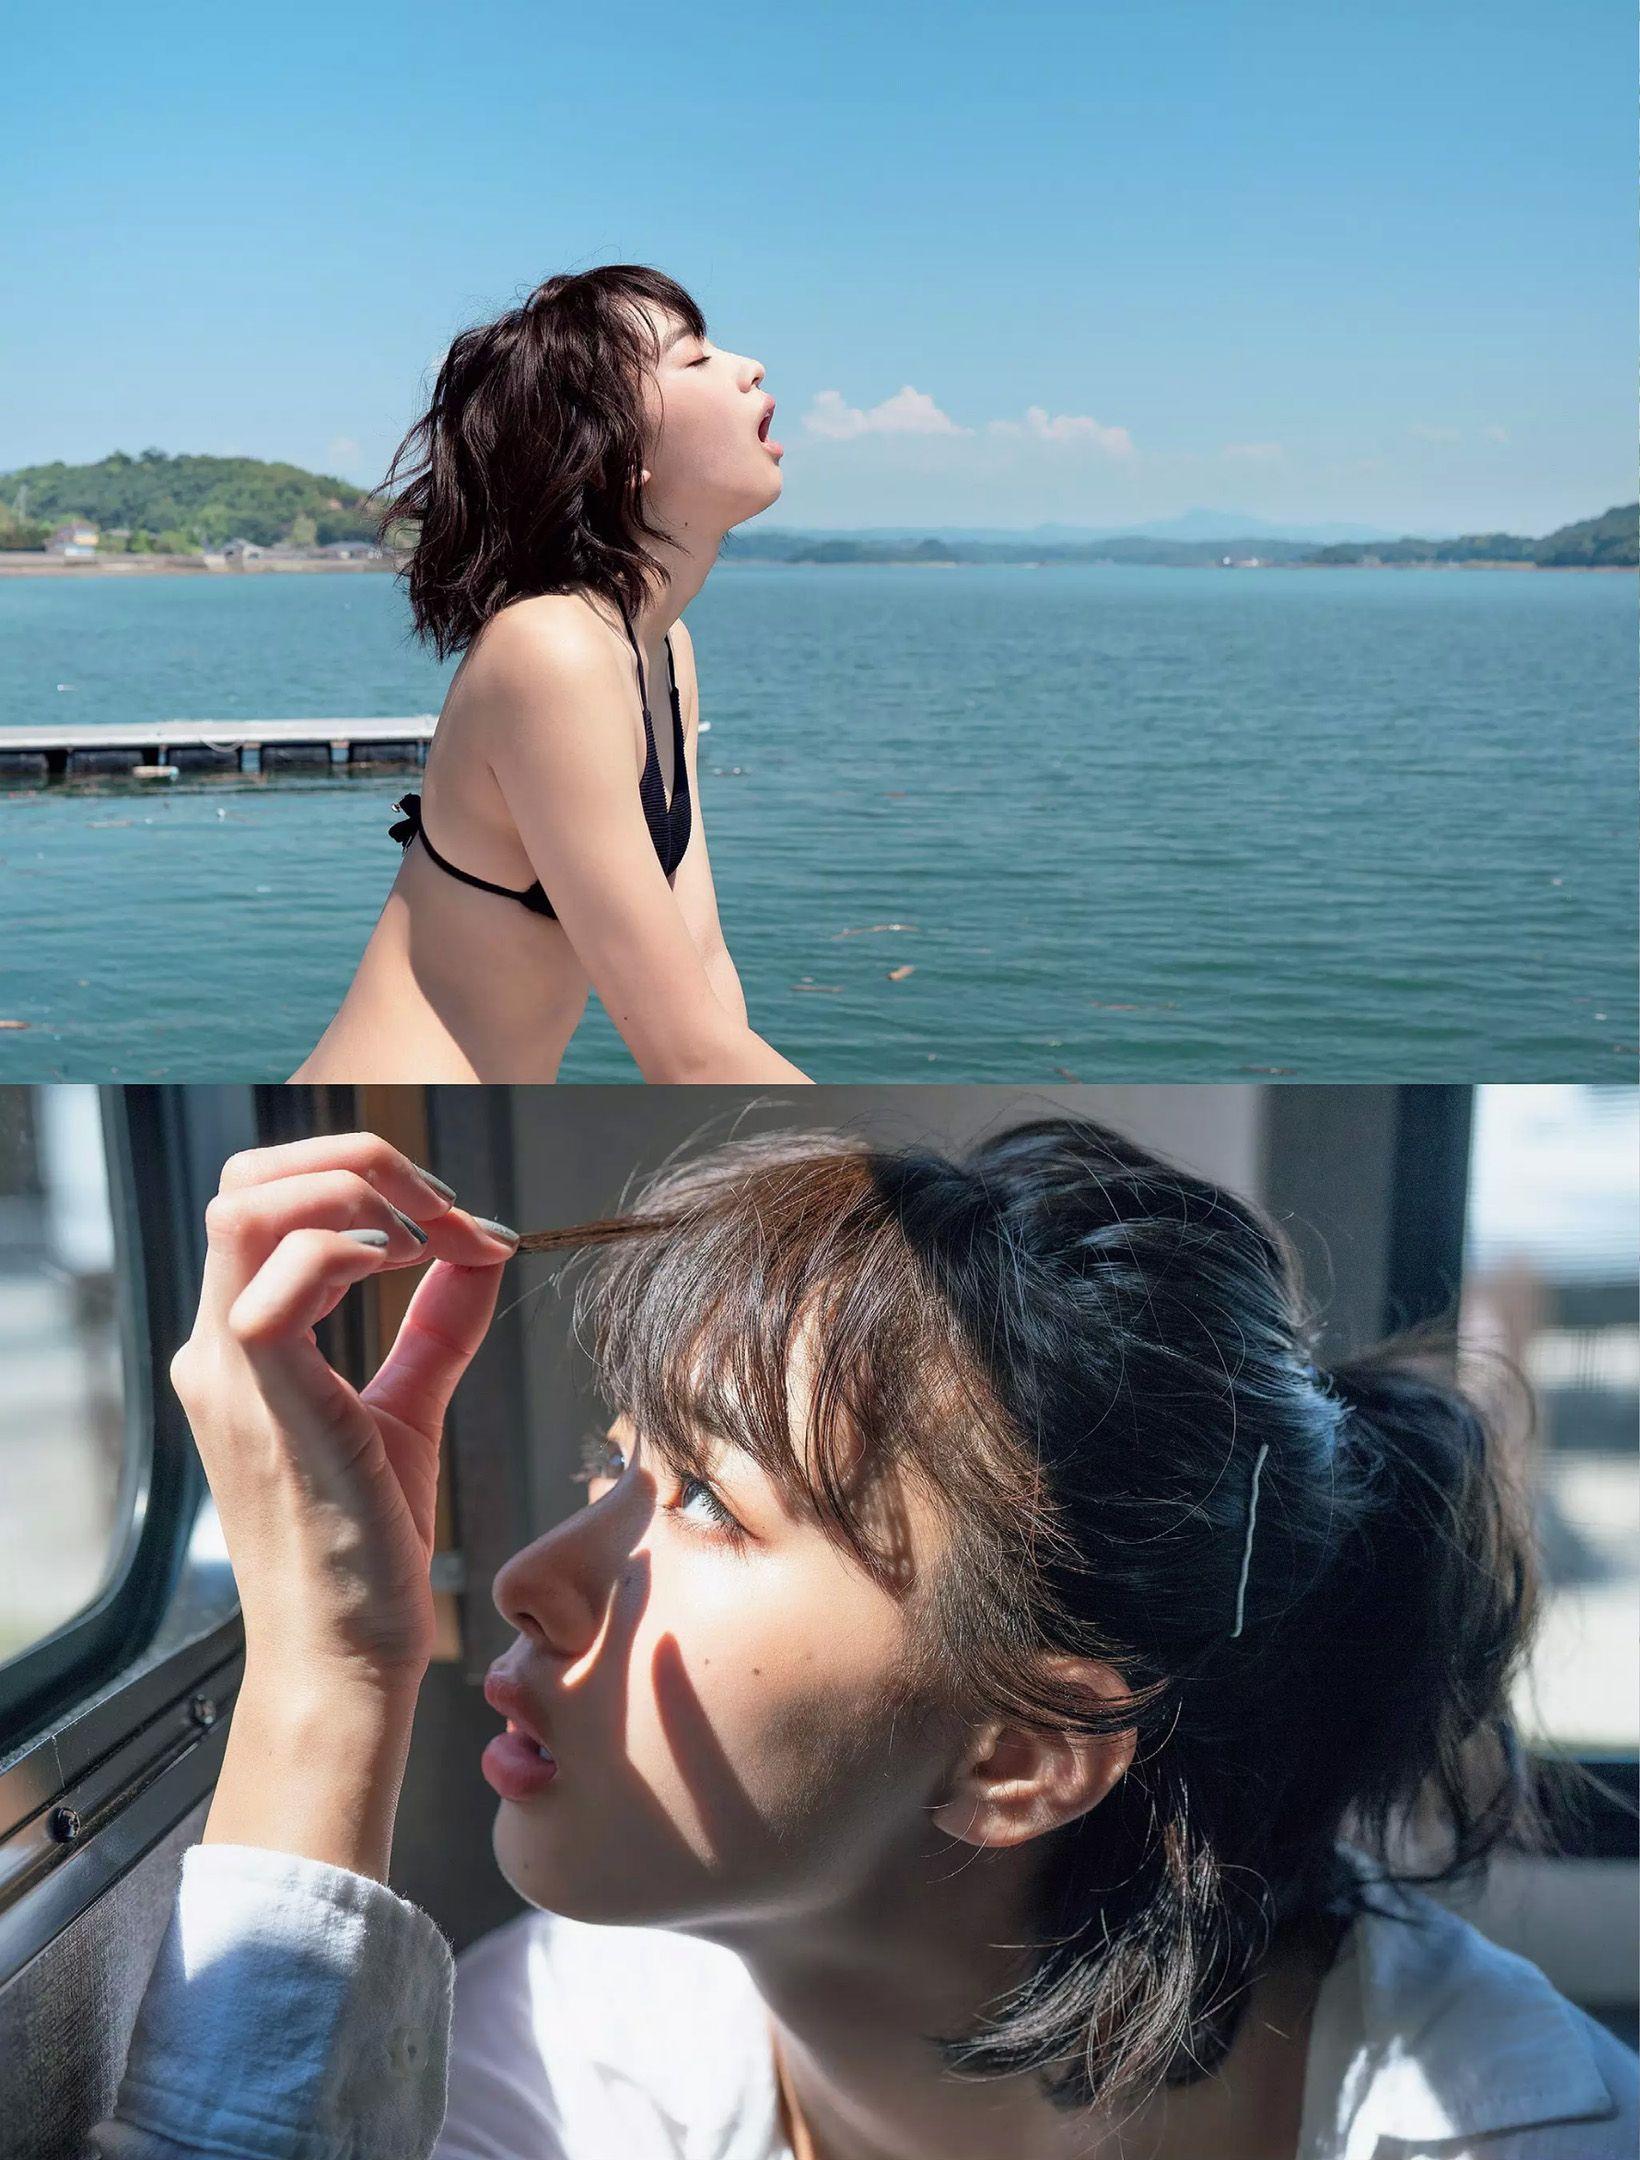 吉田莉樱 栗田惠美-FLASH 2020年12月22日刊-第13张图片-深海领域